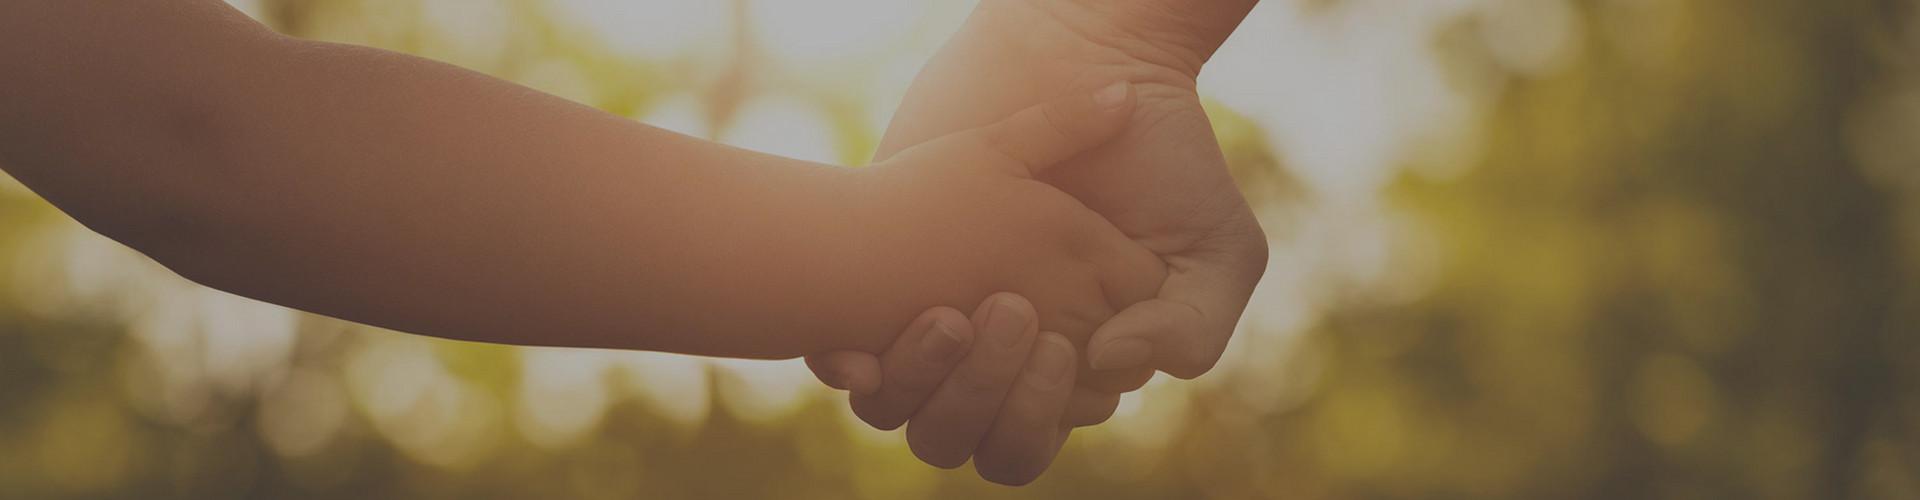 psicologos-prevencion-recursos-herramientas-ayuda-abuso-sexual-infantil-atencion-pedofilia-pedofilos-pederastia-valencia